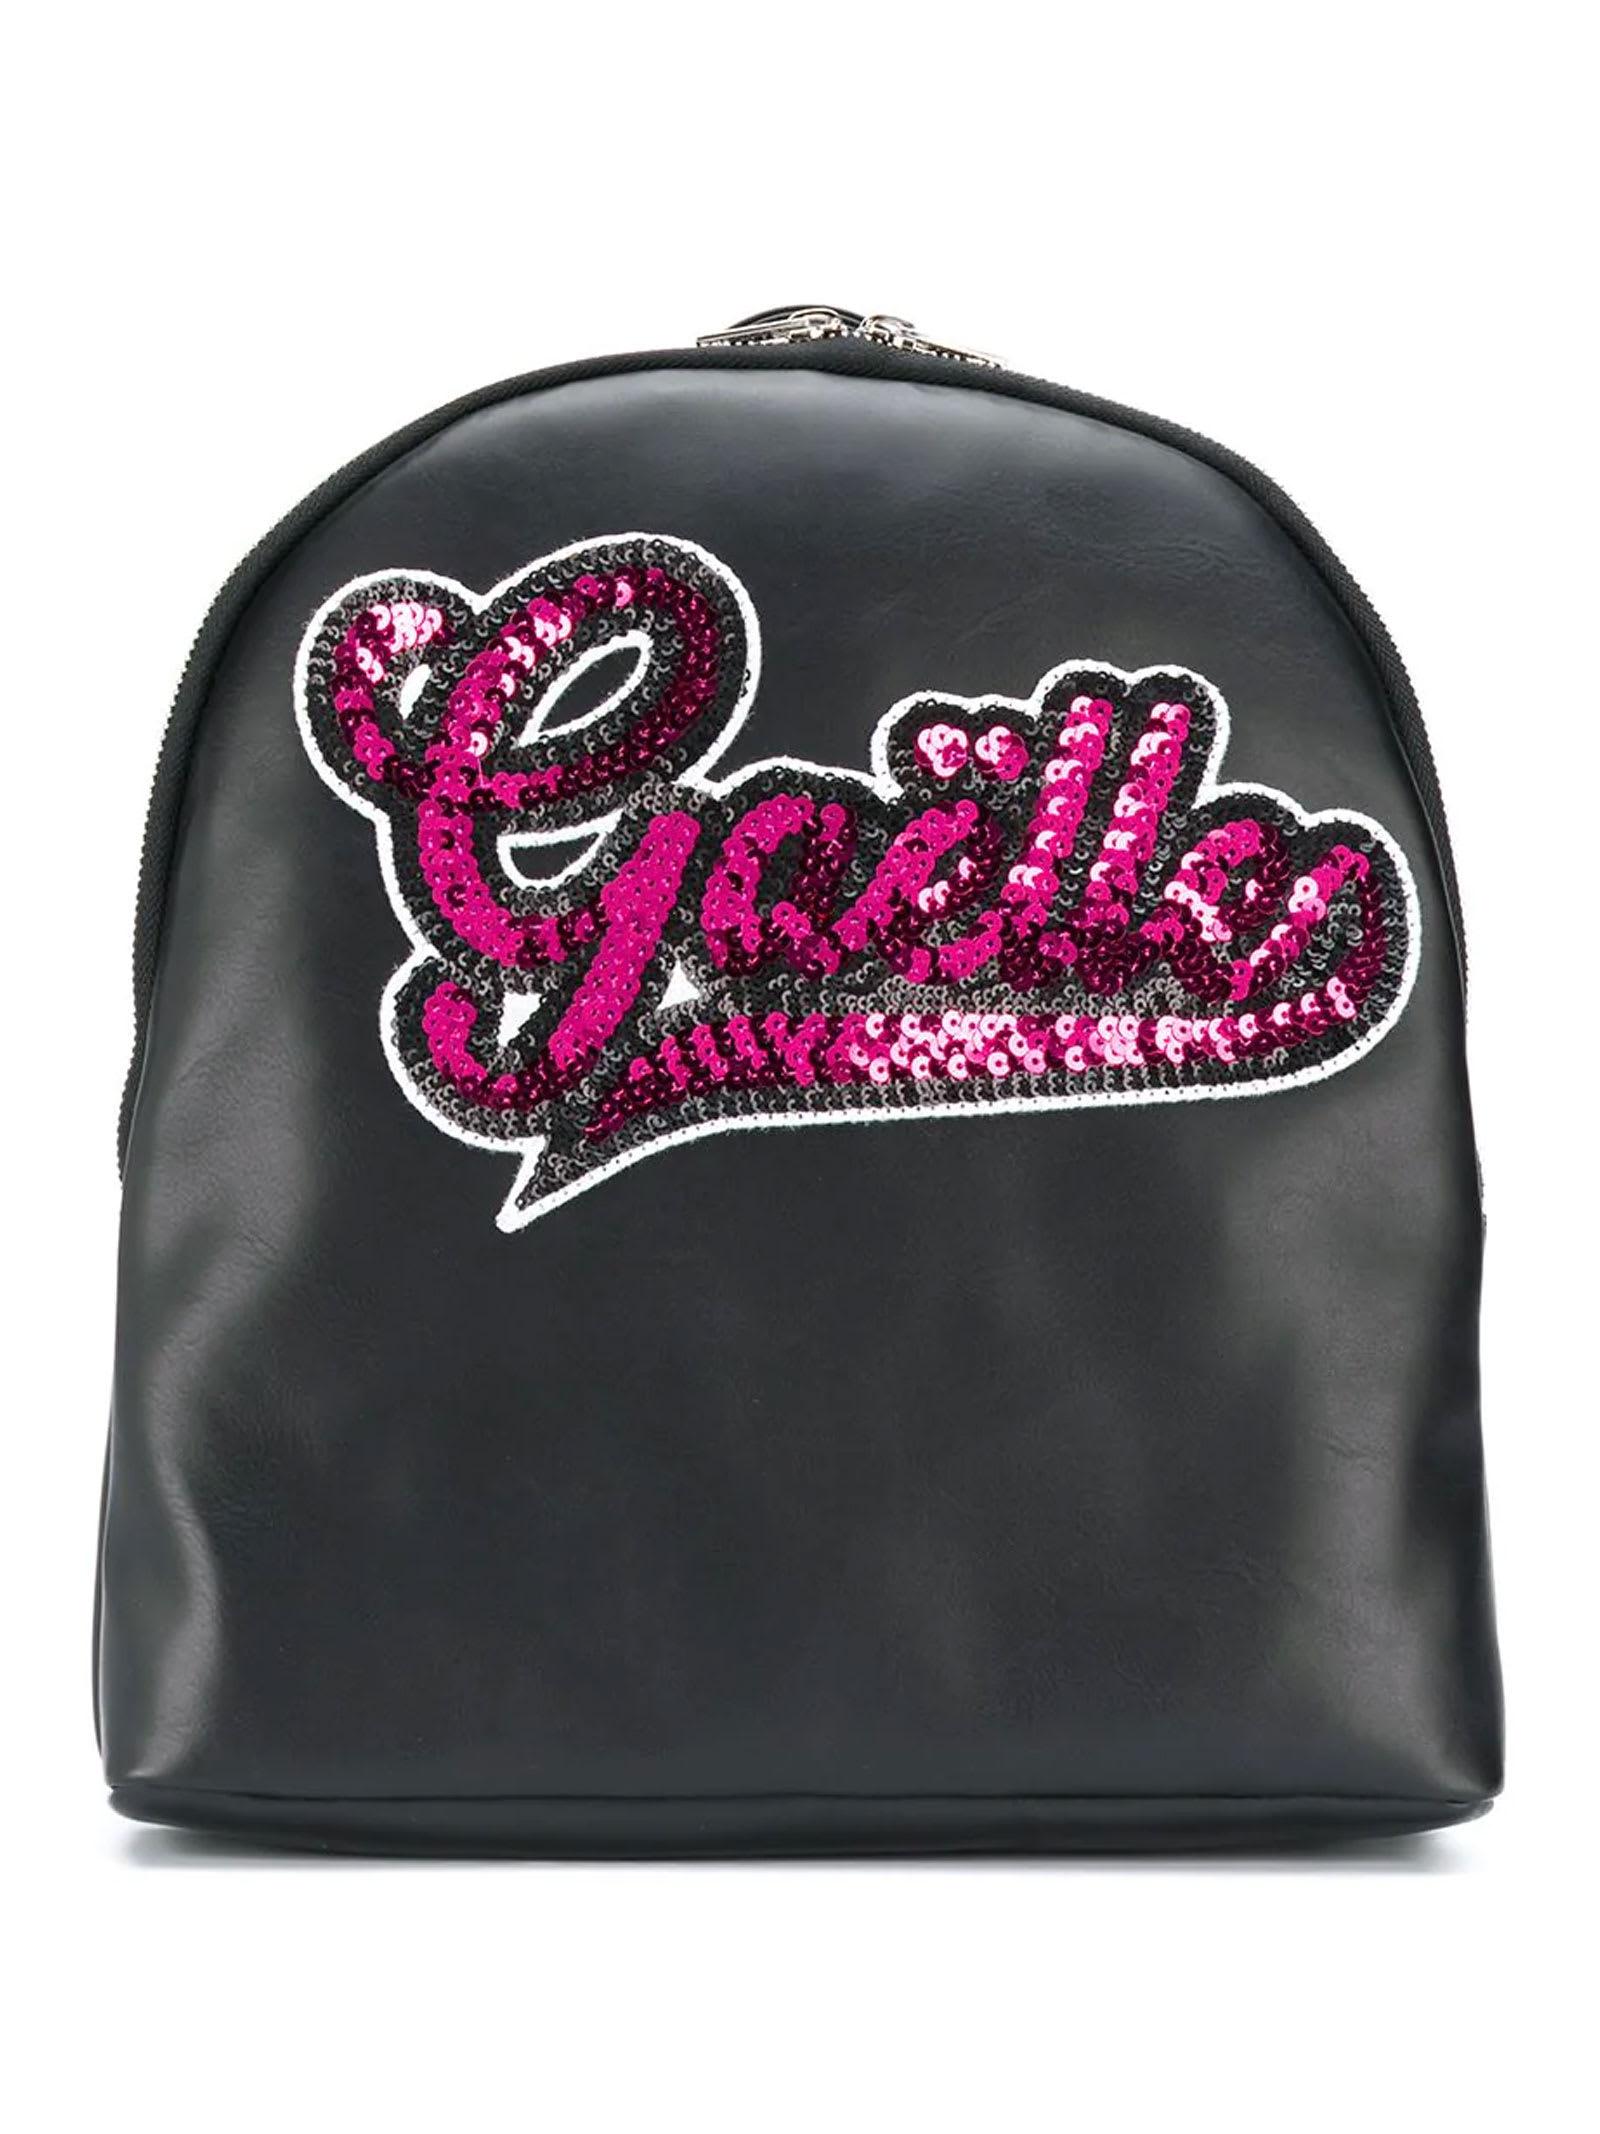 Black Backpack Wth Pink Paillettes Logo Paris Kids